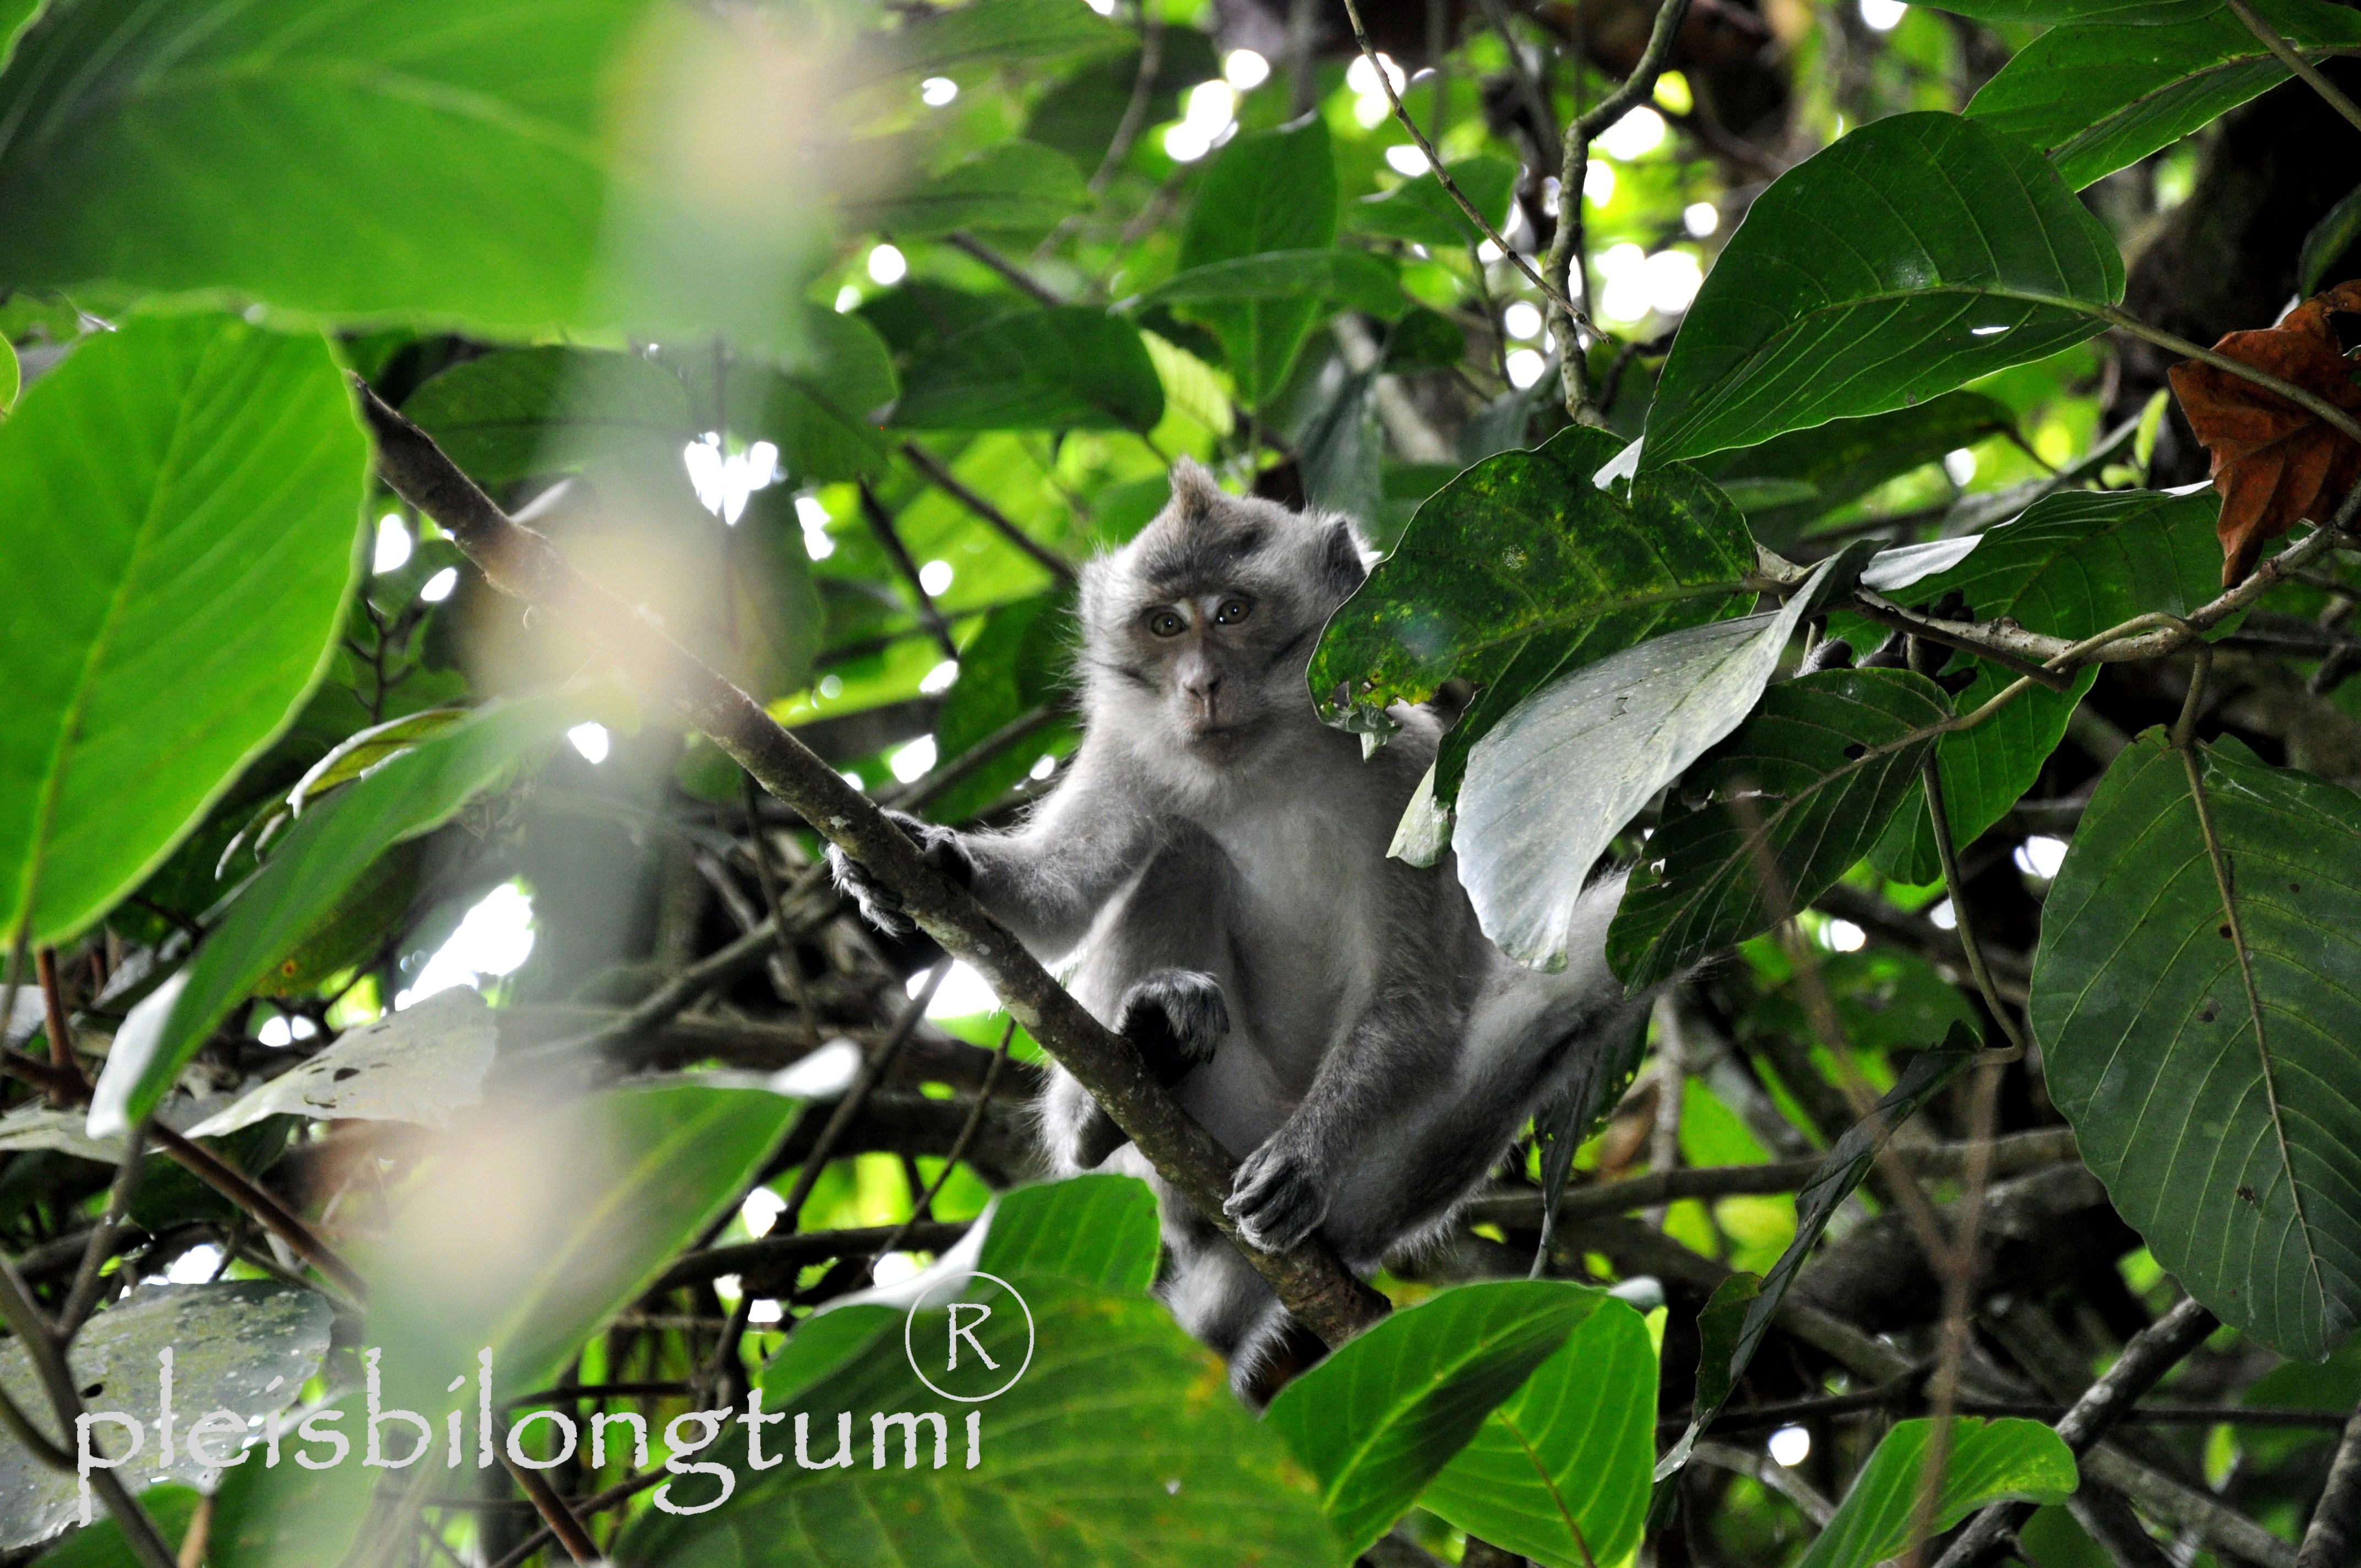 NATURE WILD LIFE CIGUDEG Pleis Bilong Tu Mi Page 21